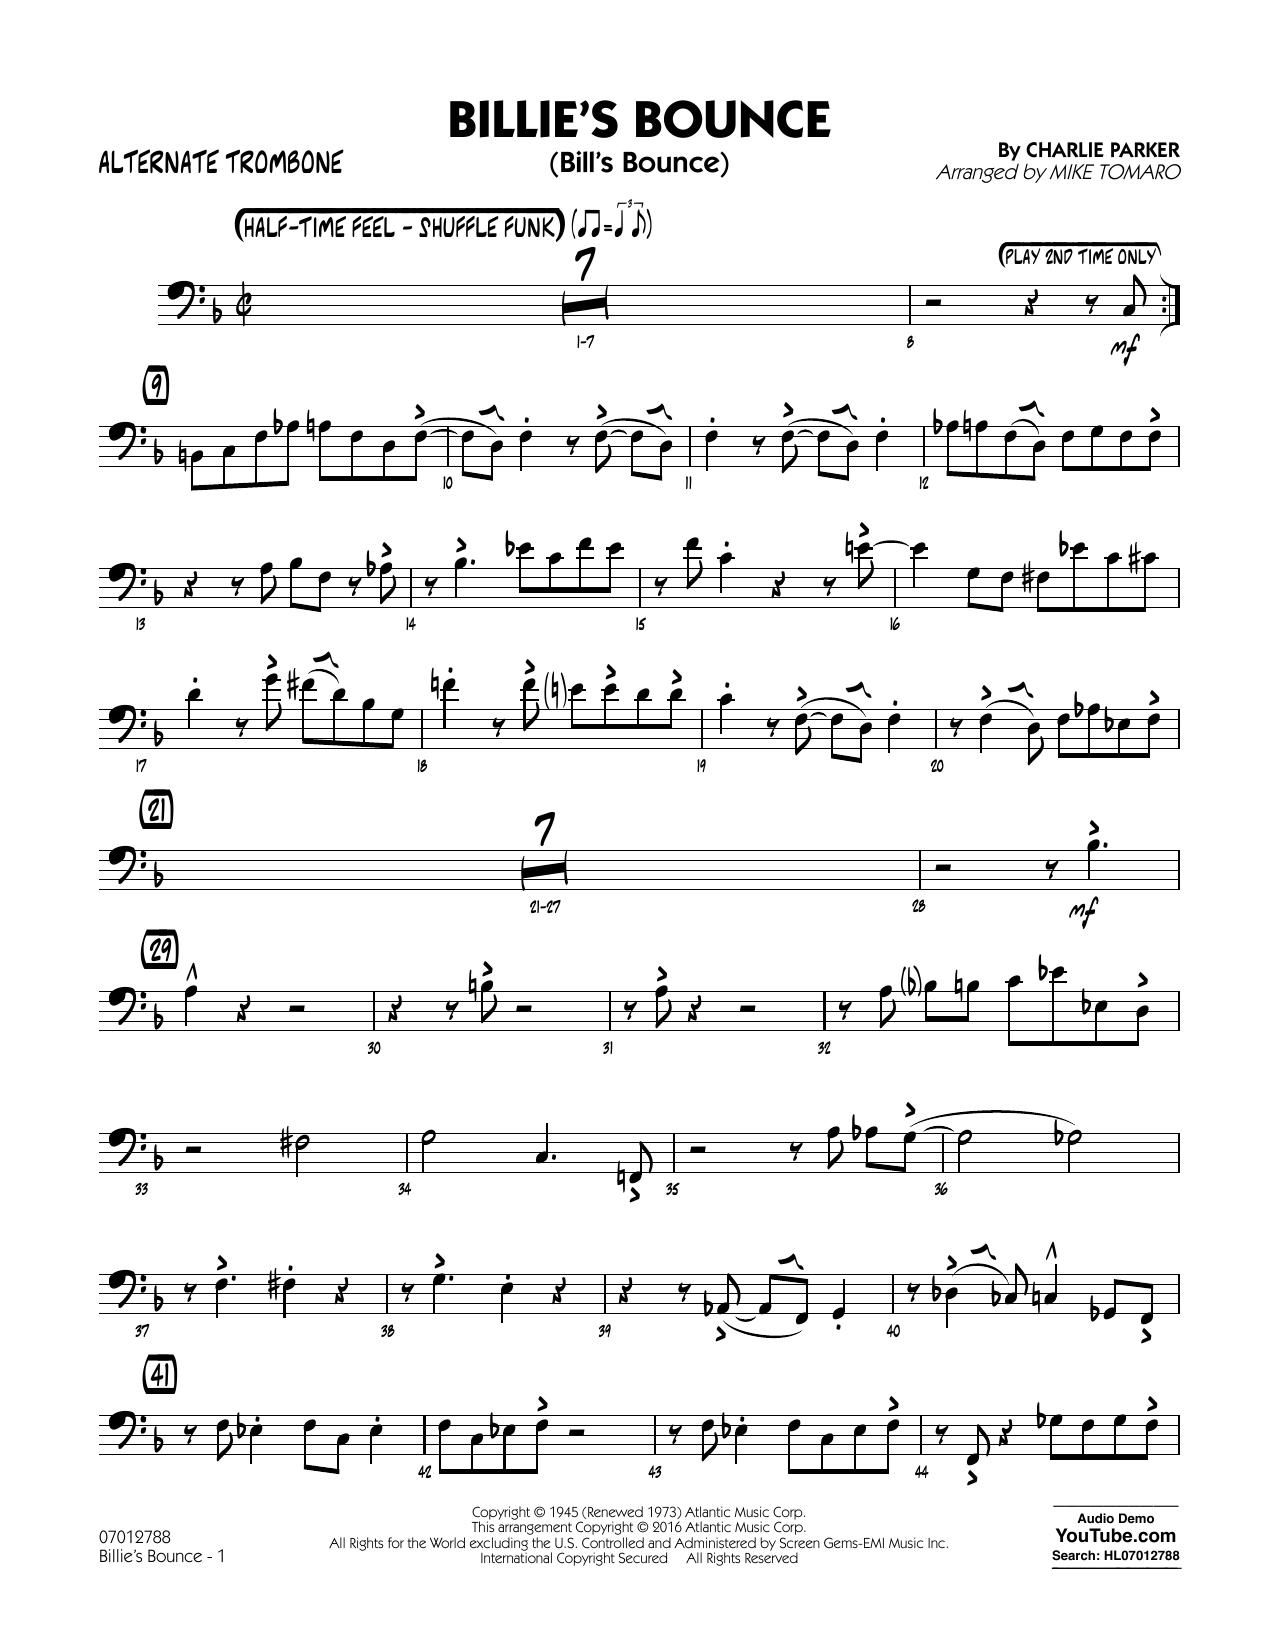 Billie's Bounce - Alternate Trombone (Jazz Ensemble)